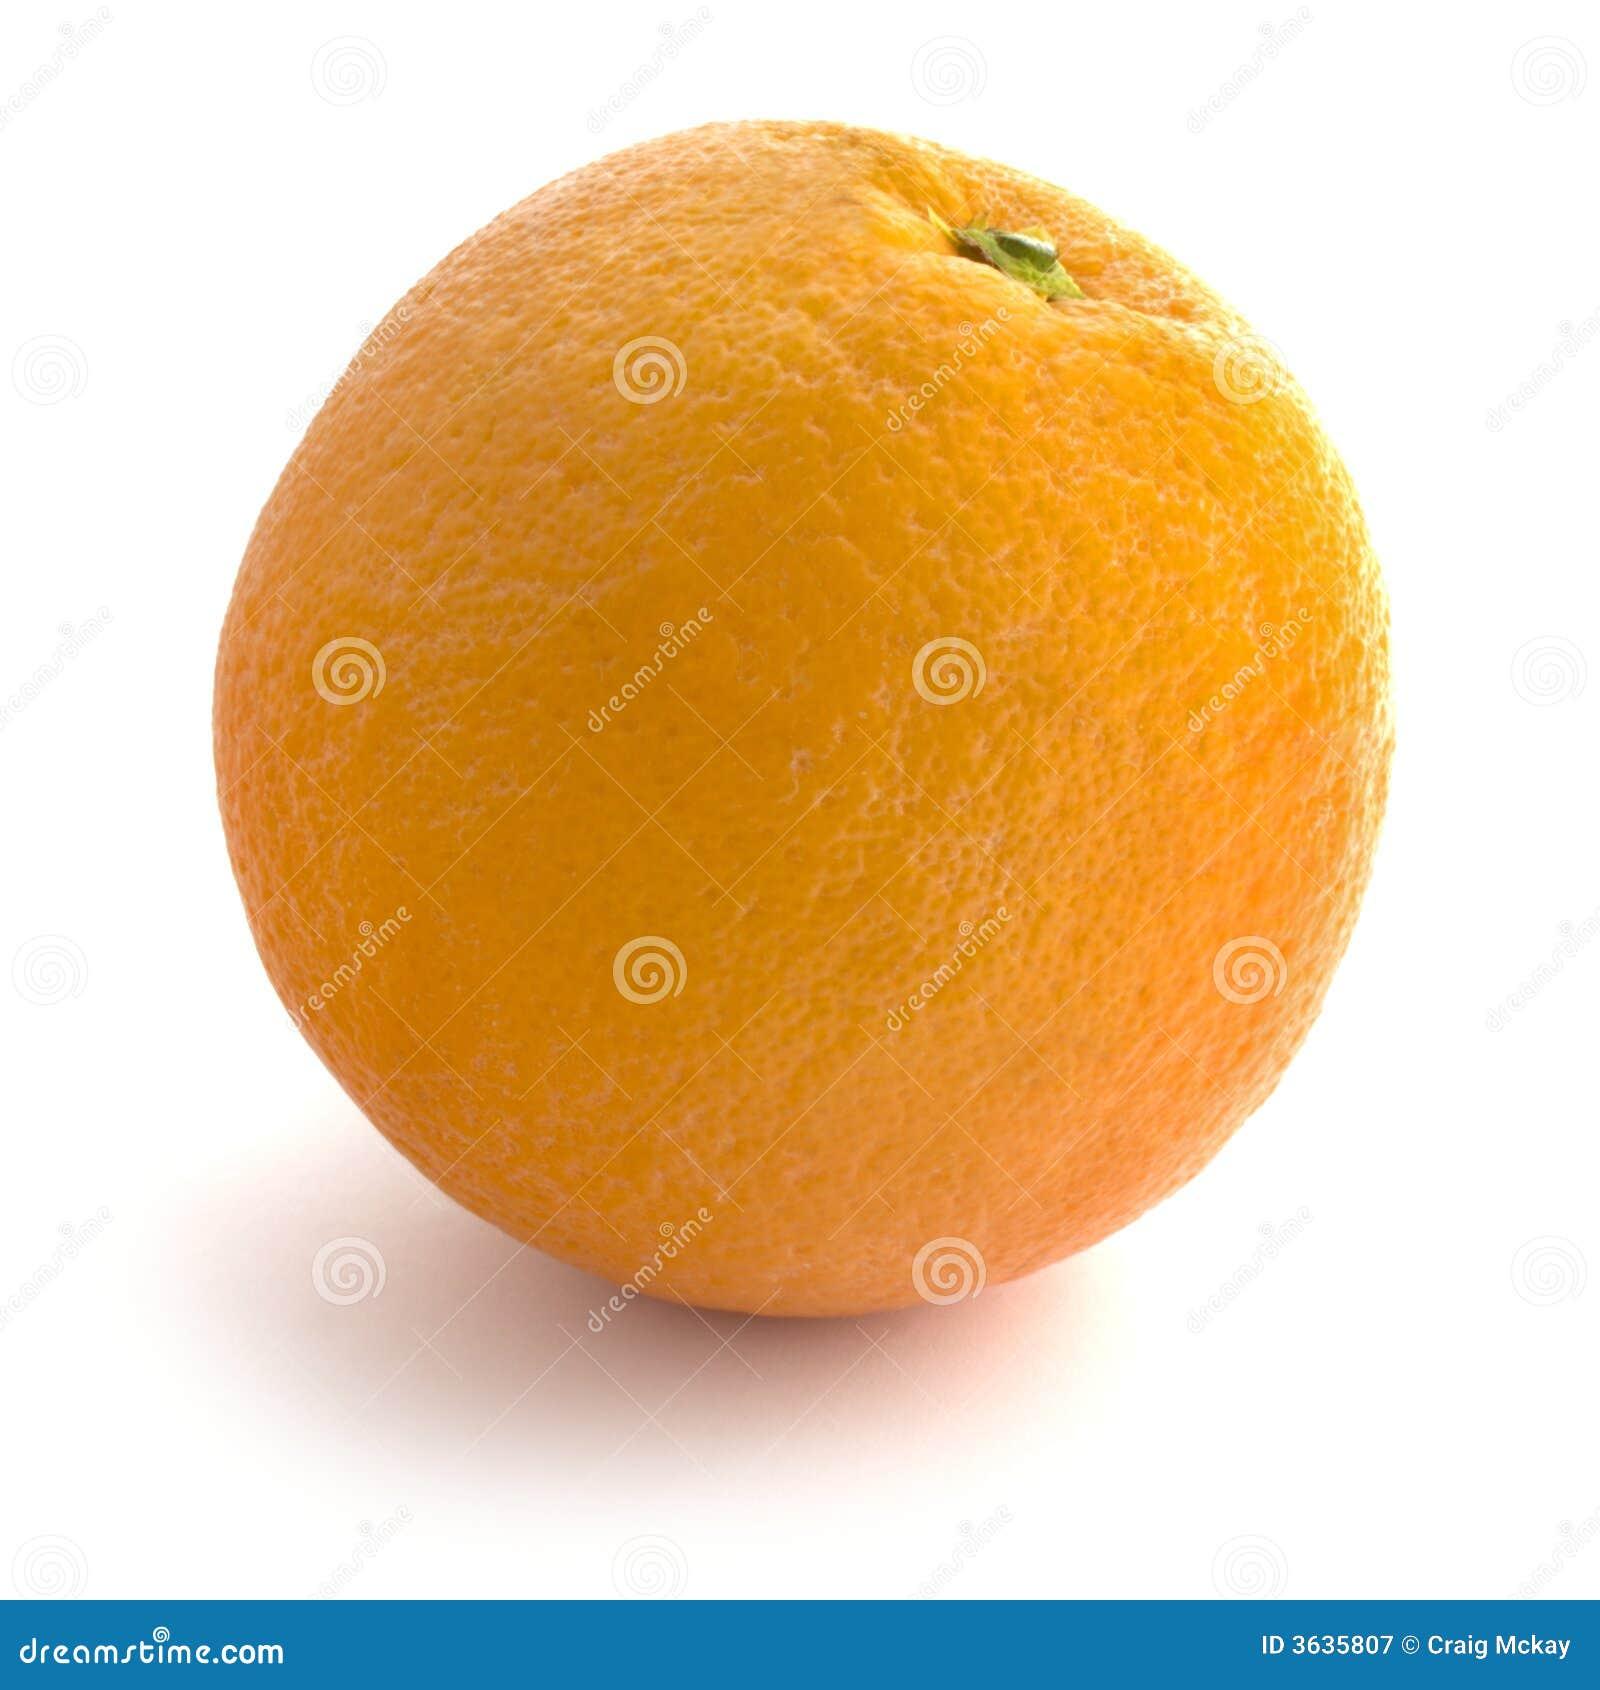 Isolated orange whole